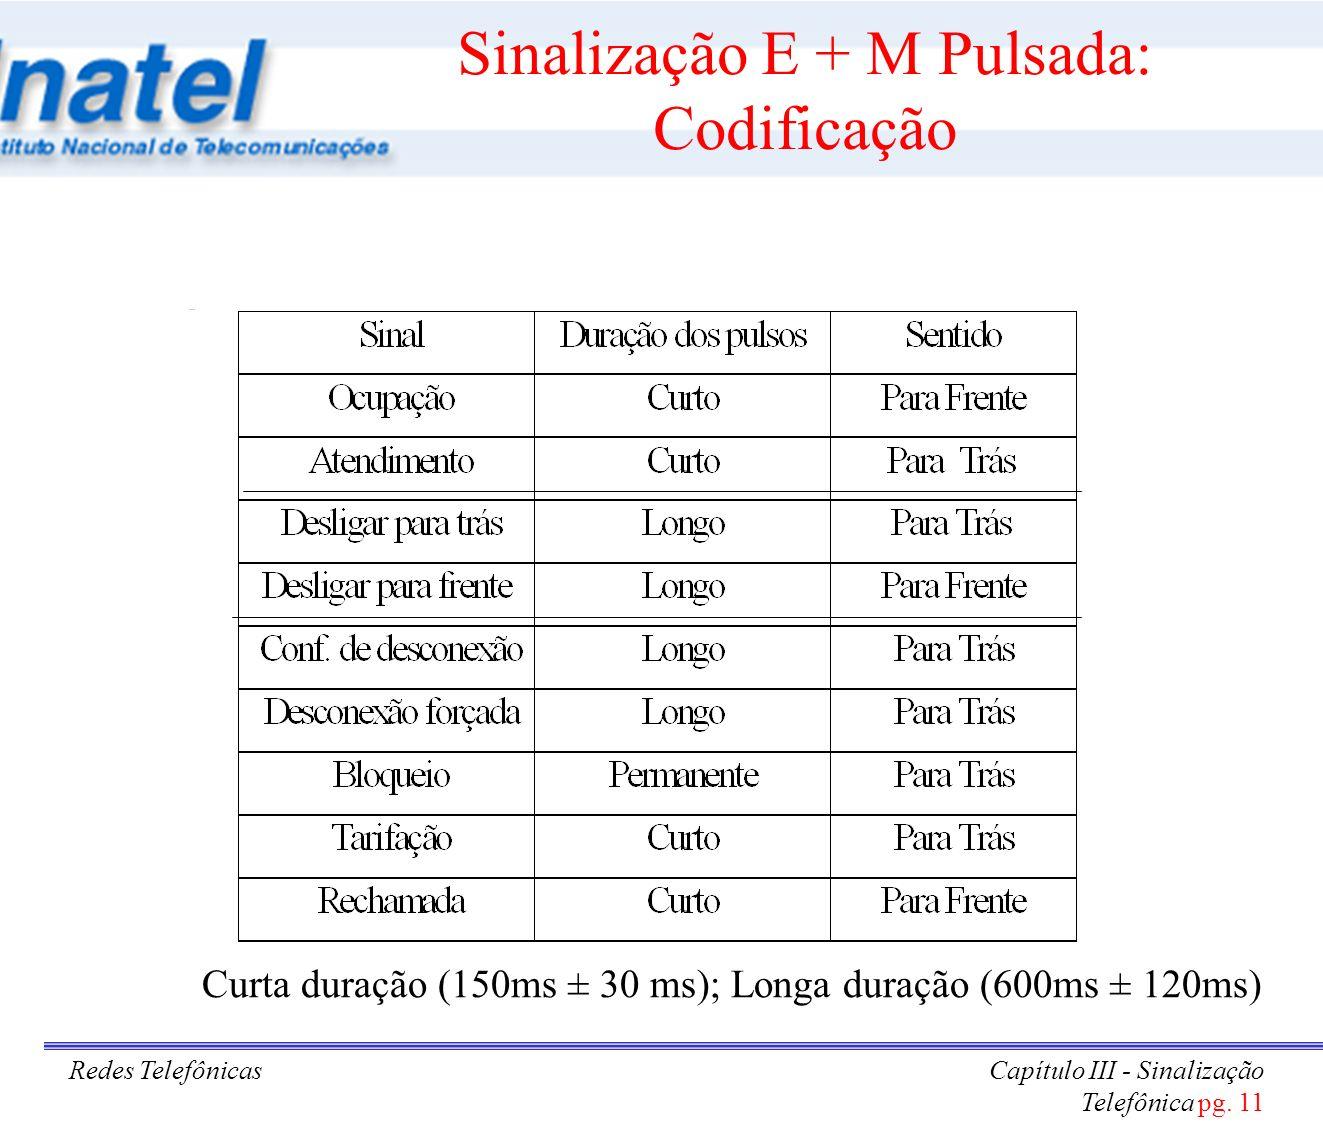 Sinalização E + M Pulsada: Codificação